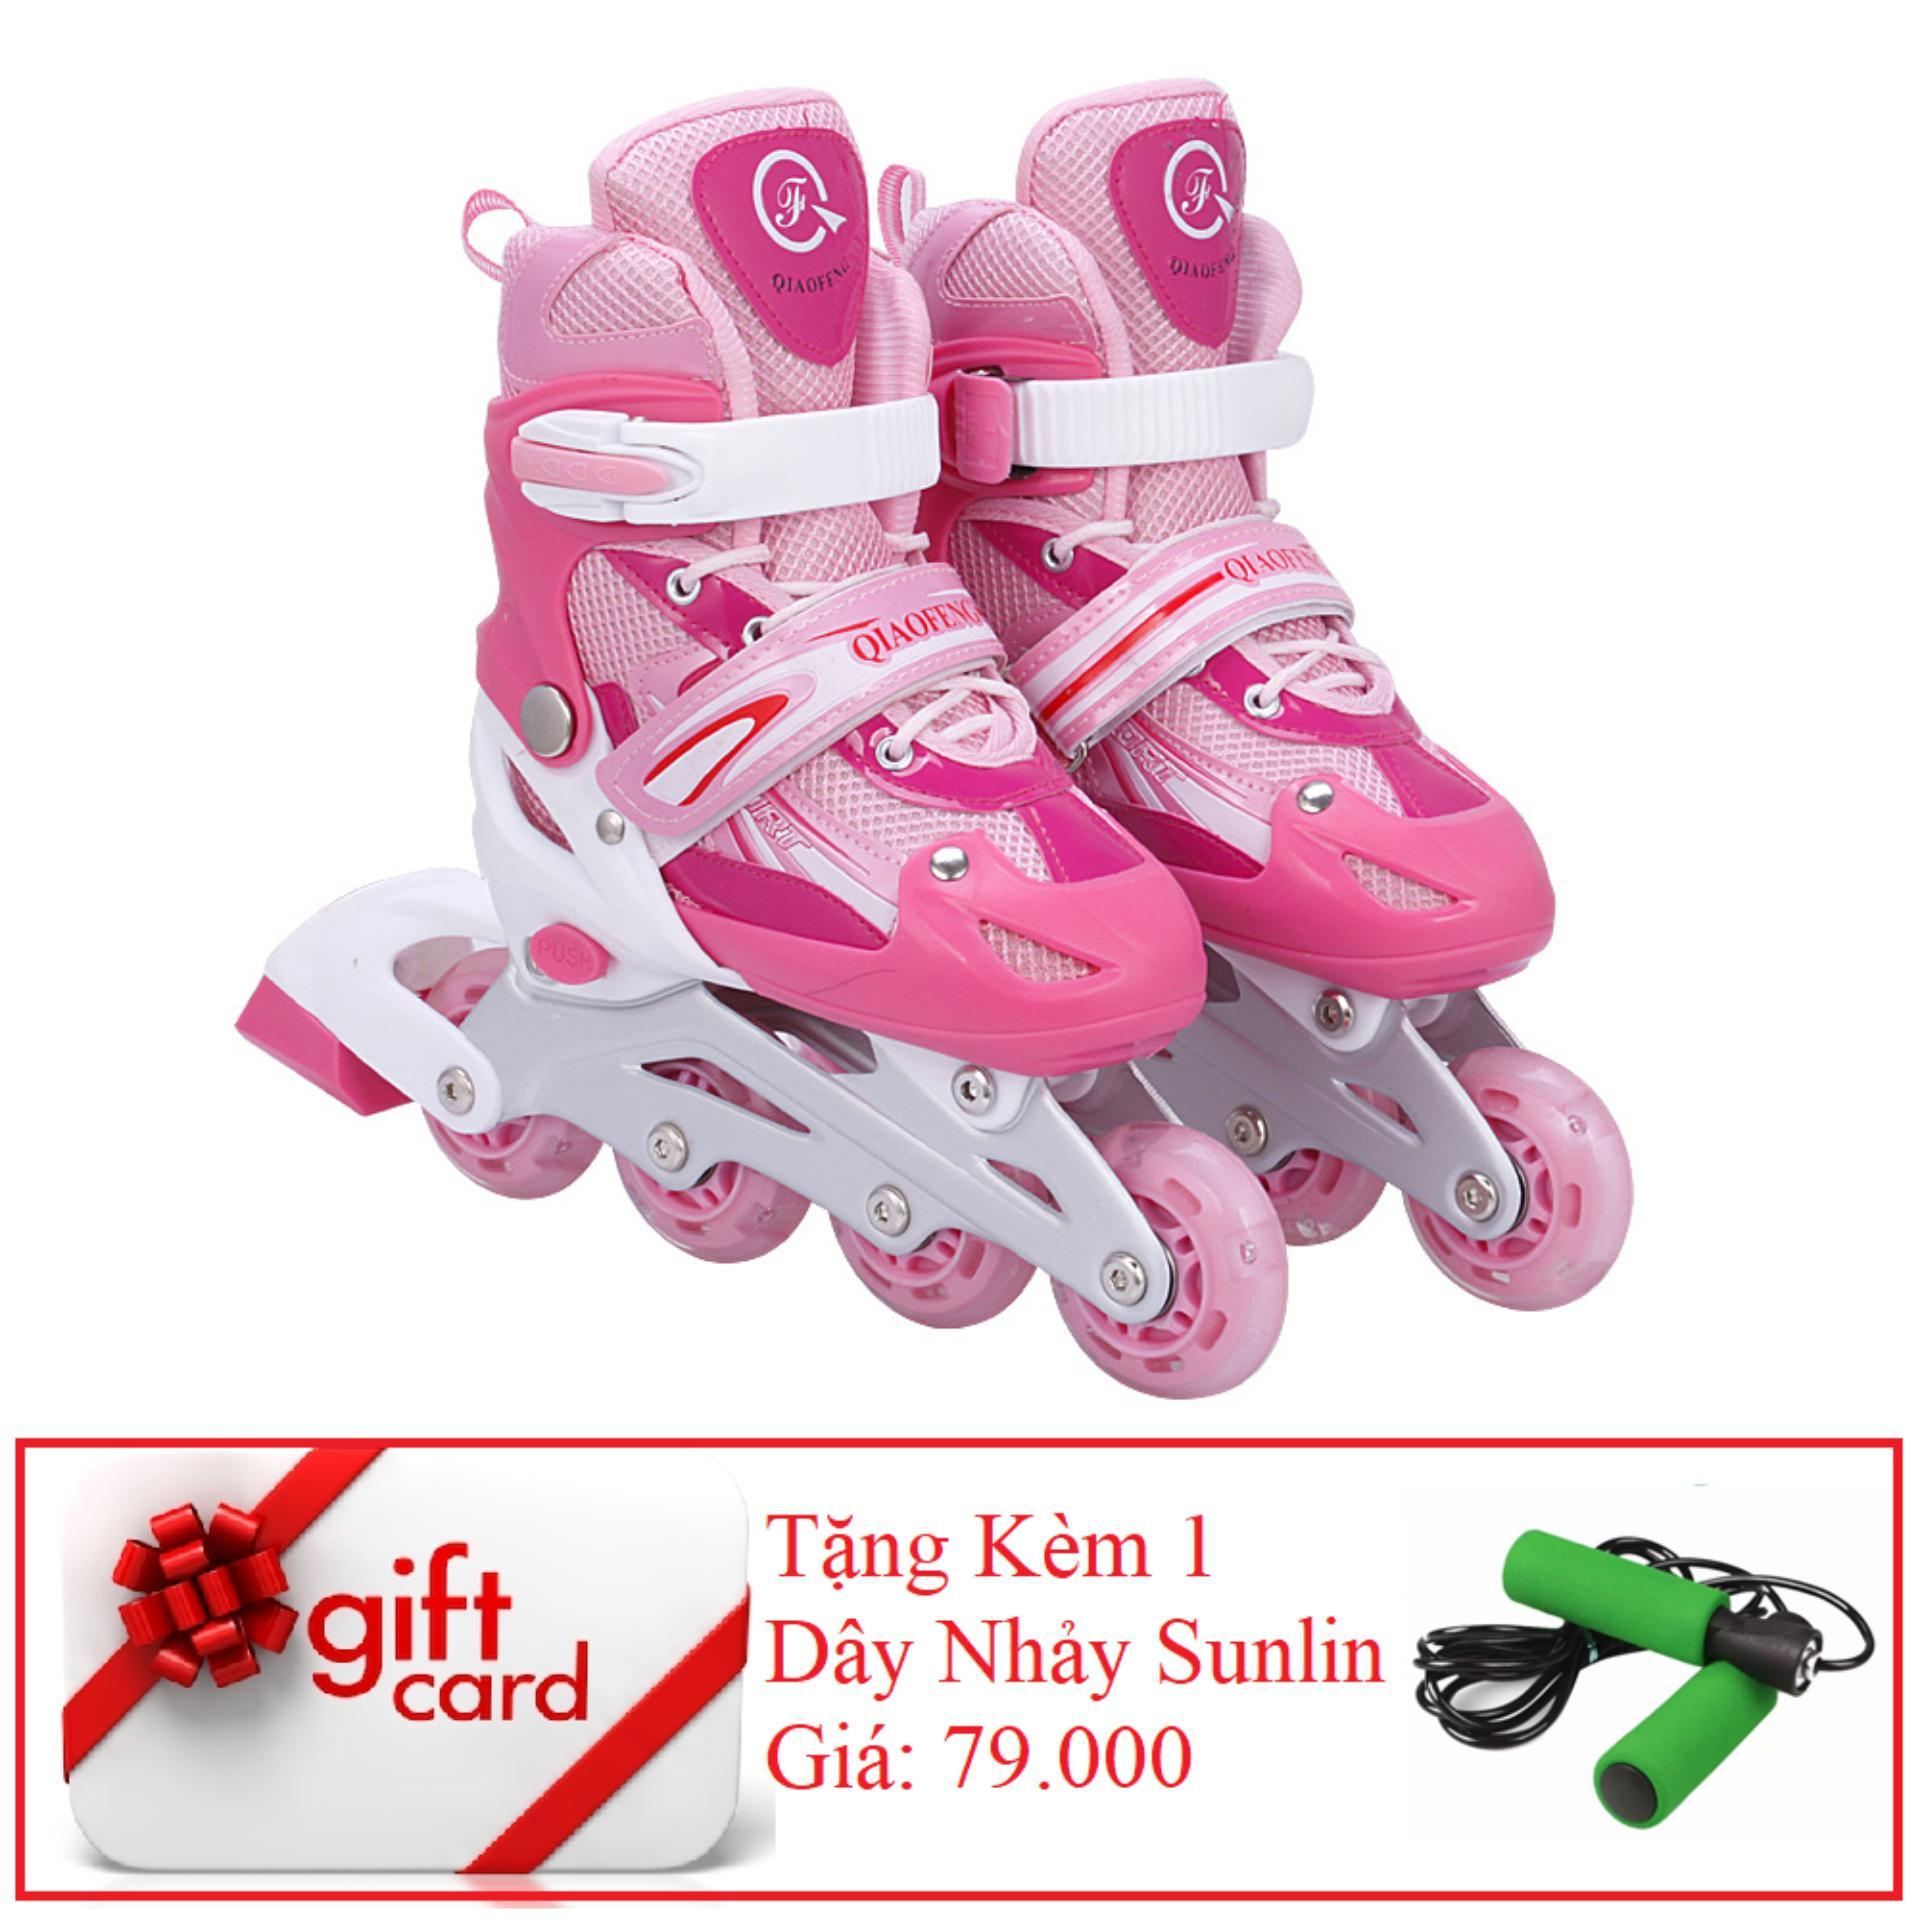 Giày Trượt Patin Gắn Đinh Phát Sáng Cao Cấp (Size L -  Hồng Trắng) - TiGi Mall - Tặng Kèm 1 Dây Nhảy